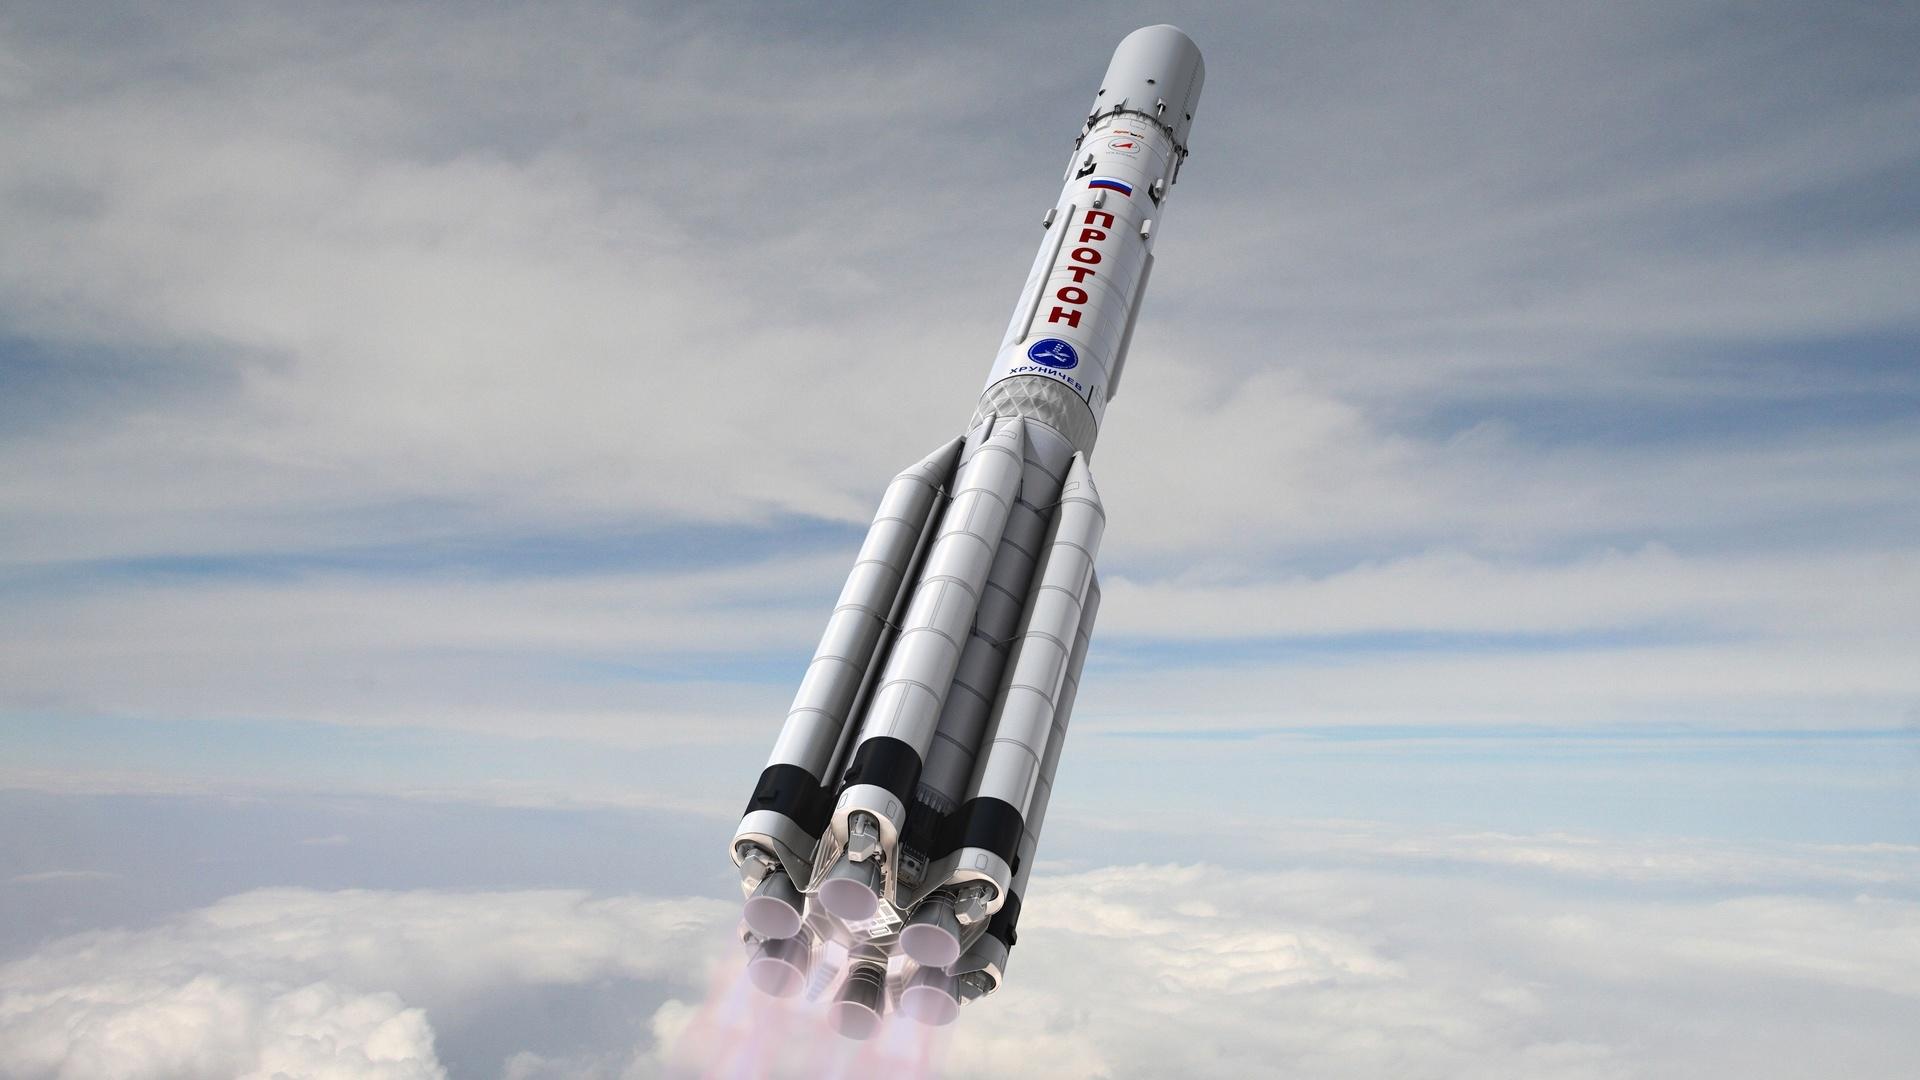 Картинка с ракетами